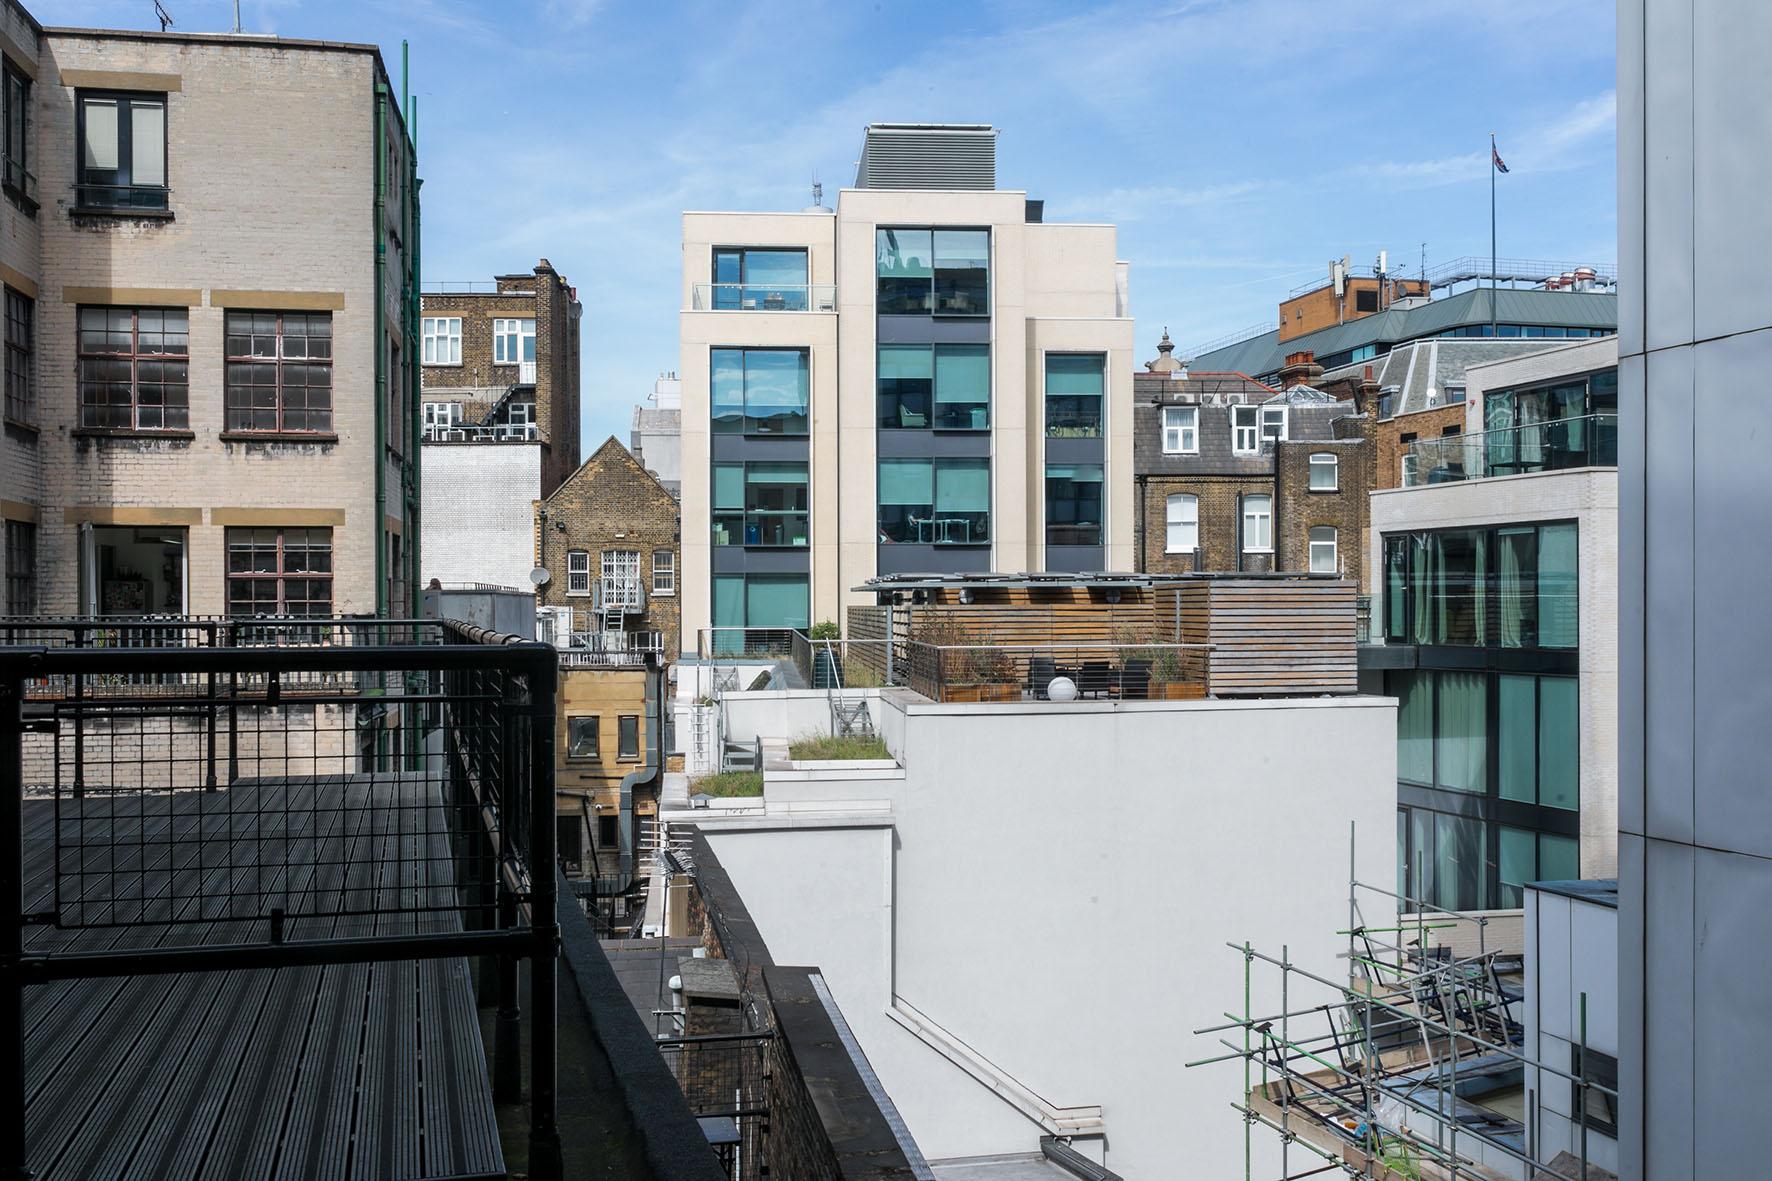 Lovelydays luxury service apartment rental - London - Soho - Oxford Street V - Lovelysuite - 1 bedrooms - 1 bathrooms - Exterior - 52d9daee8fdf - Lovelydays